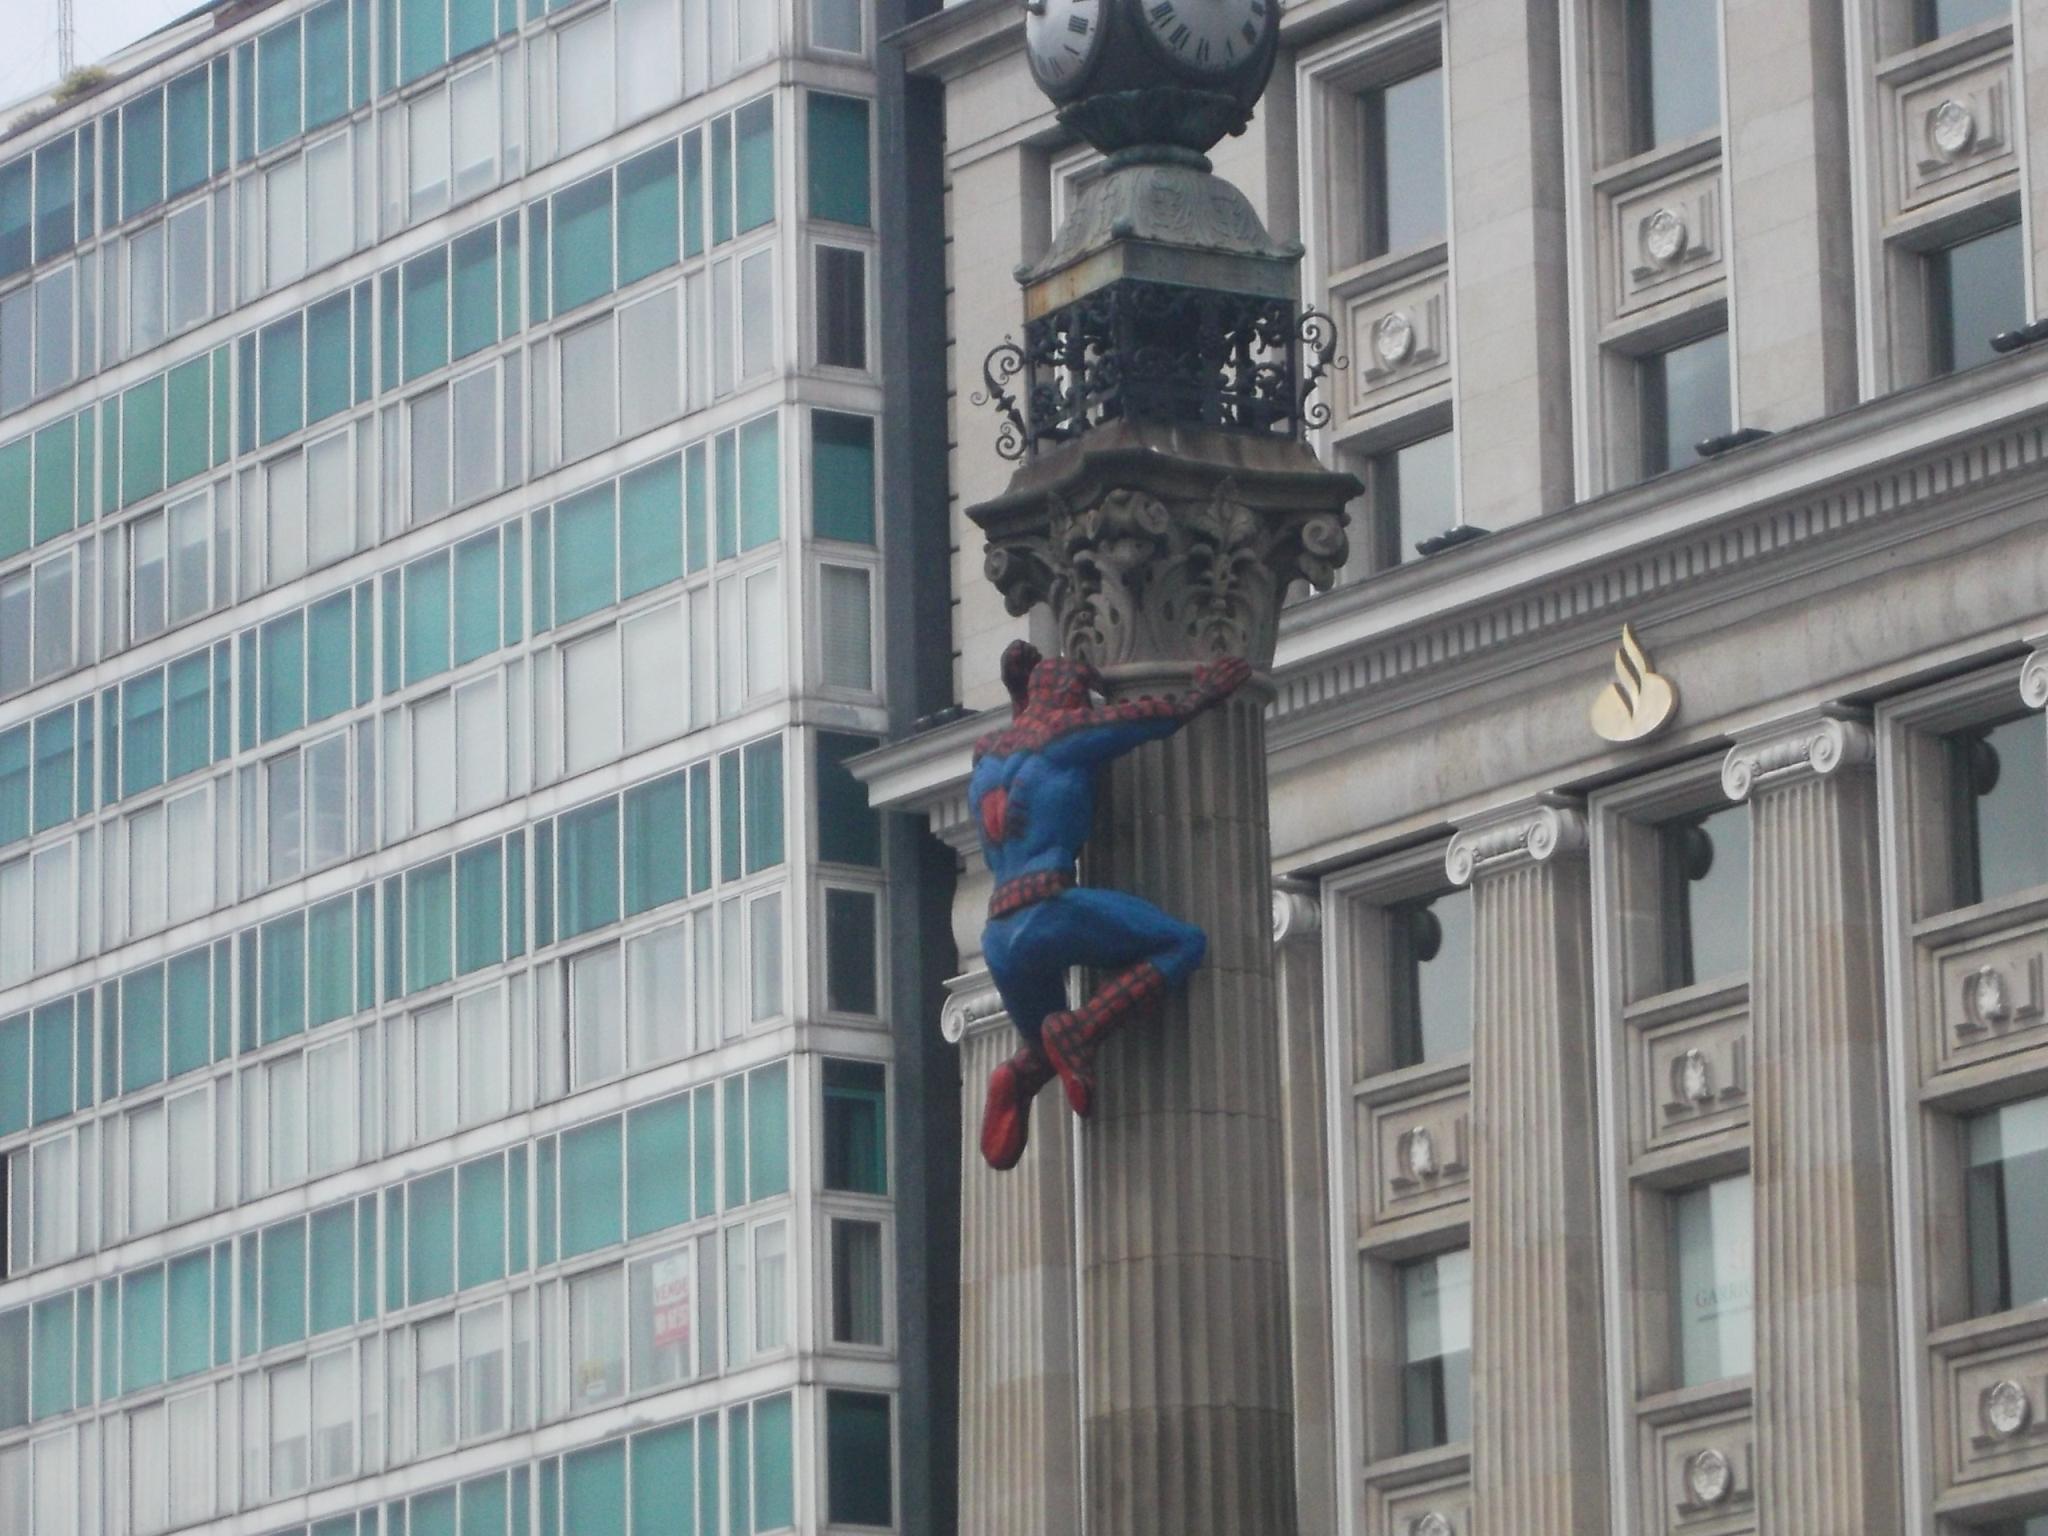 Spiderman en el Obelisco de A Coruña